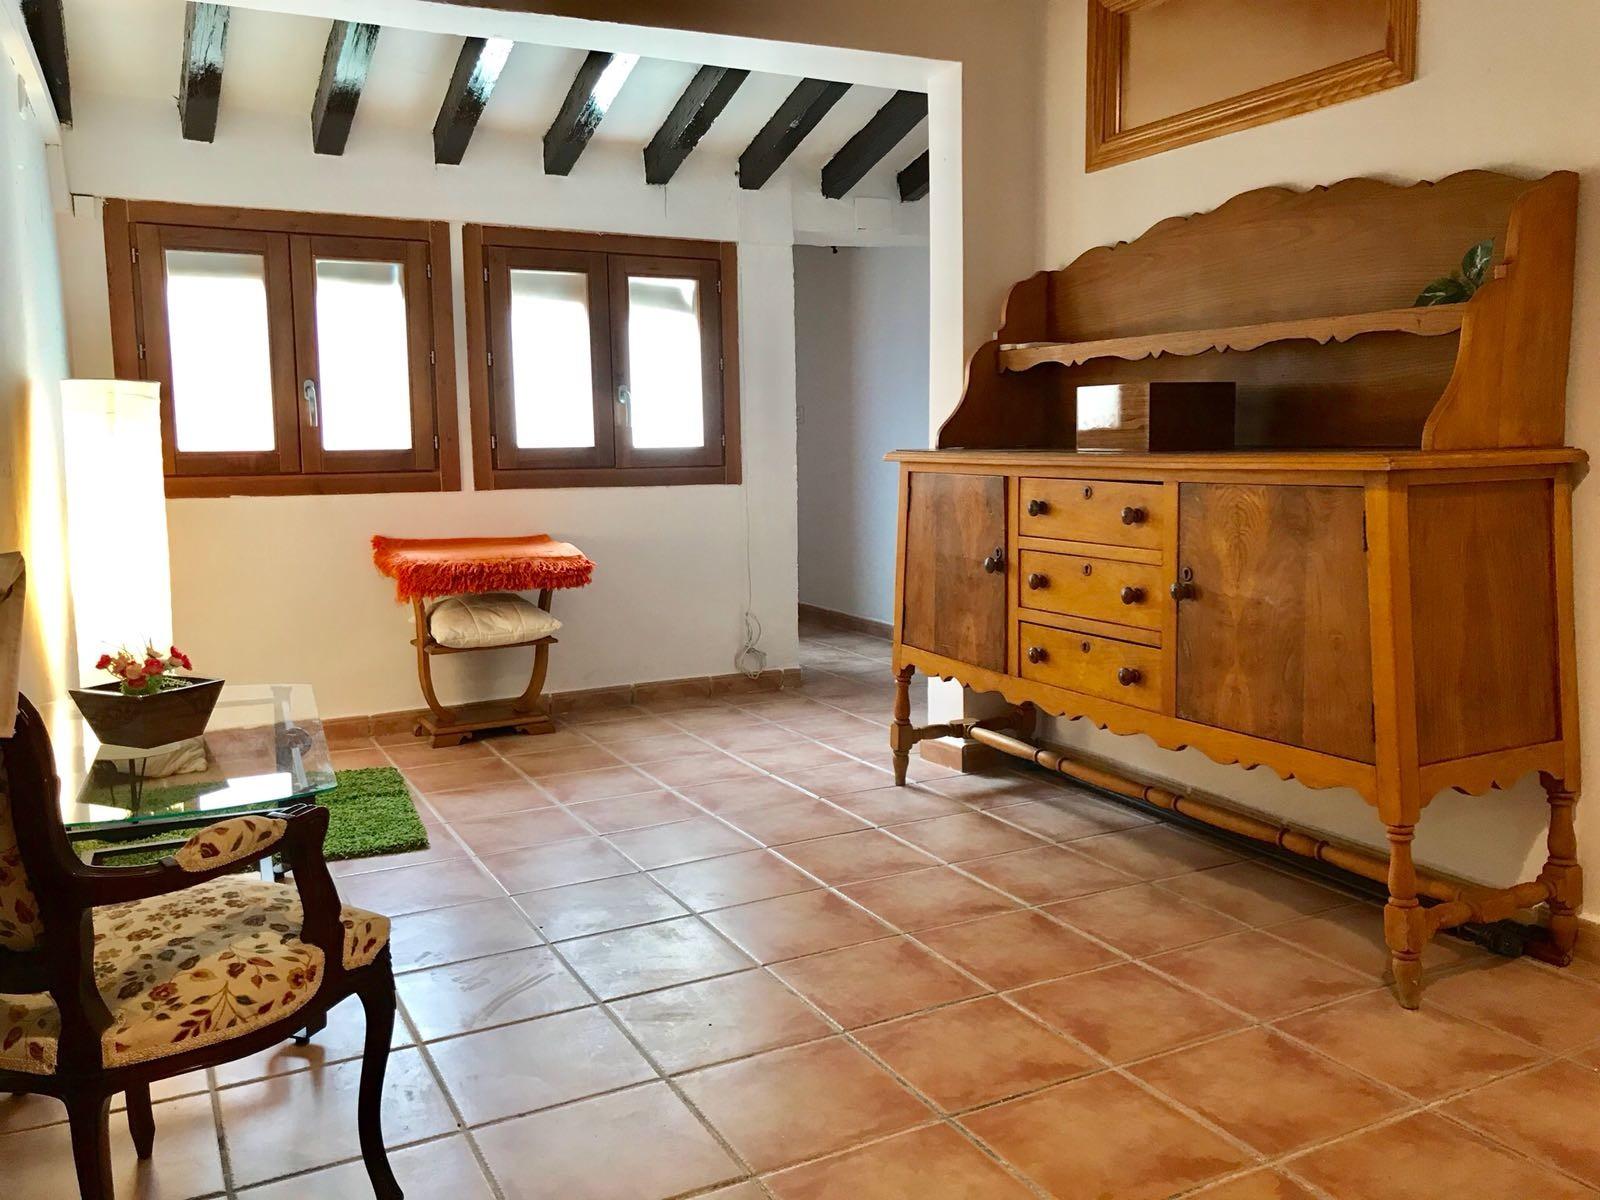 a-charismatic-apartment-heart-toledo-historical-46495693ea0140b3d0621ec57daf85cb